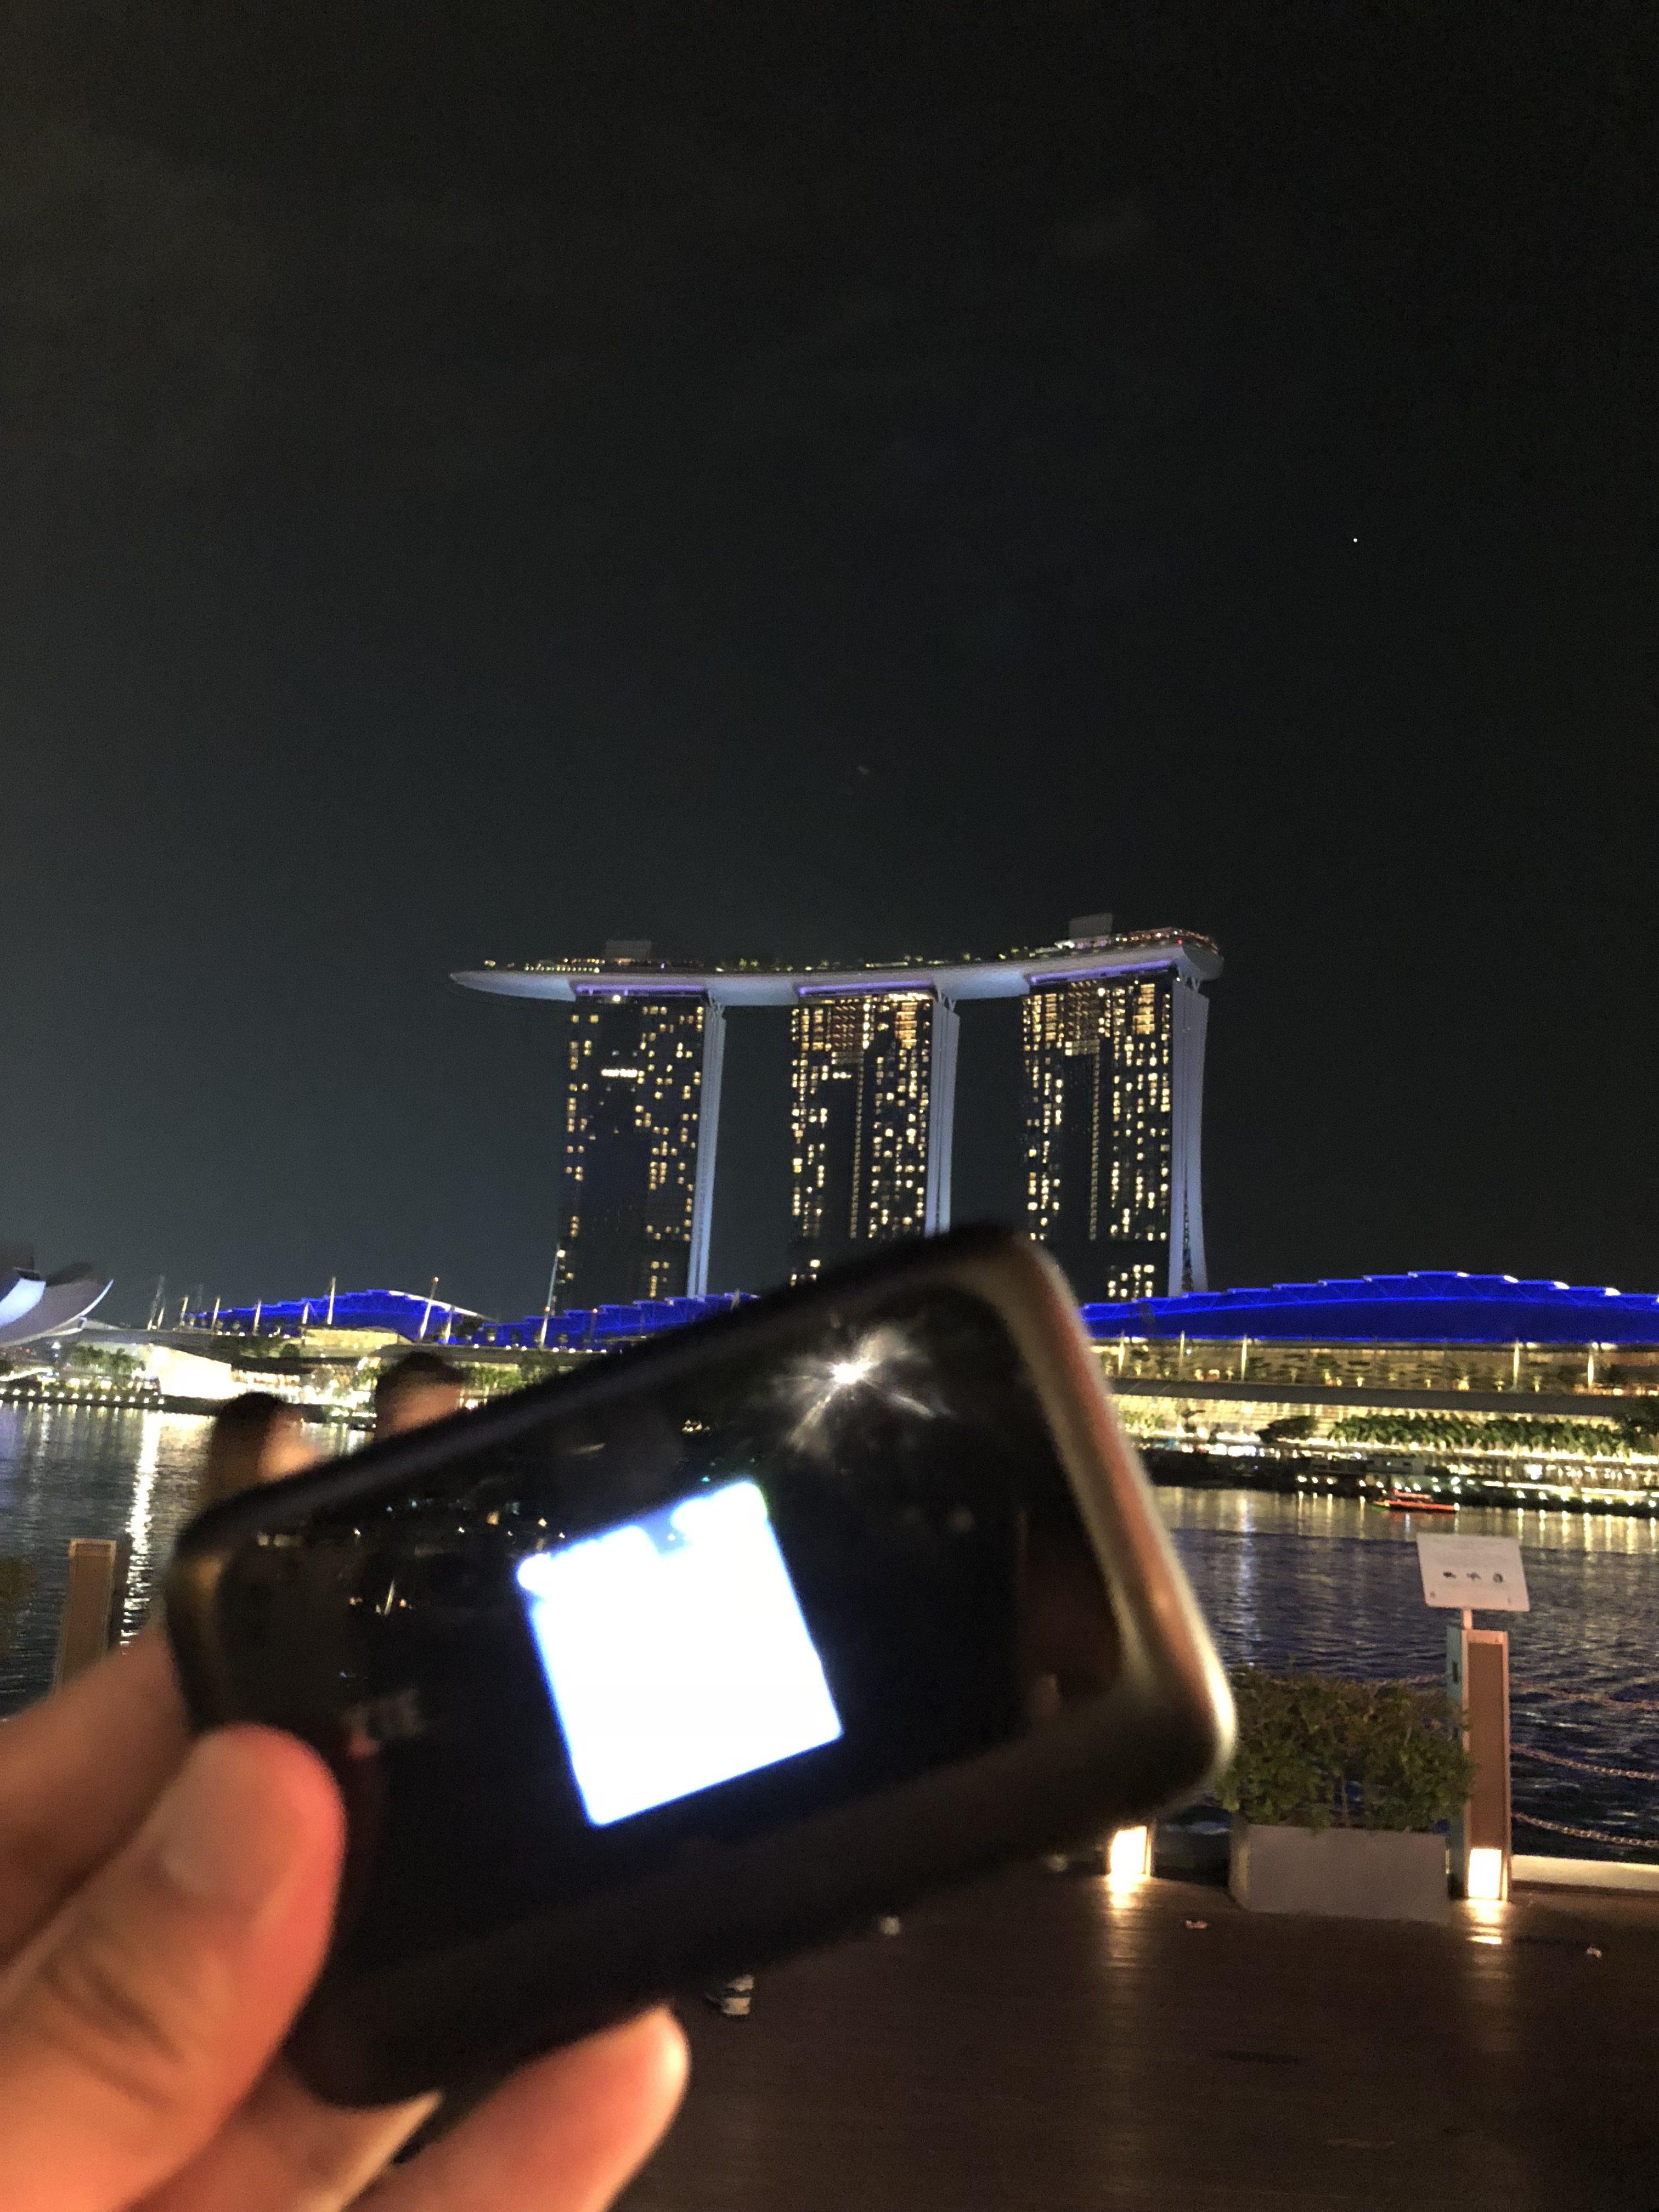 レンタルWifi 【シンガポールデータ】を使ってみたのでレビュー!